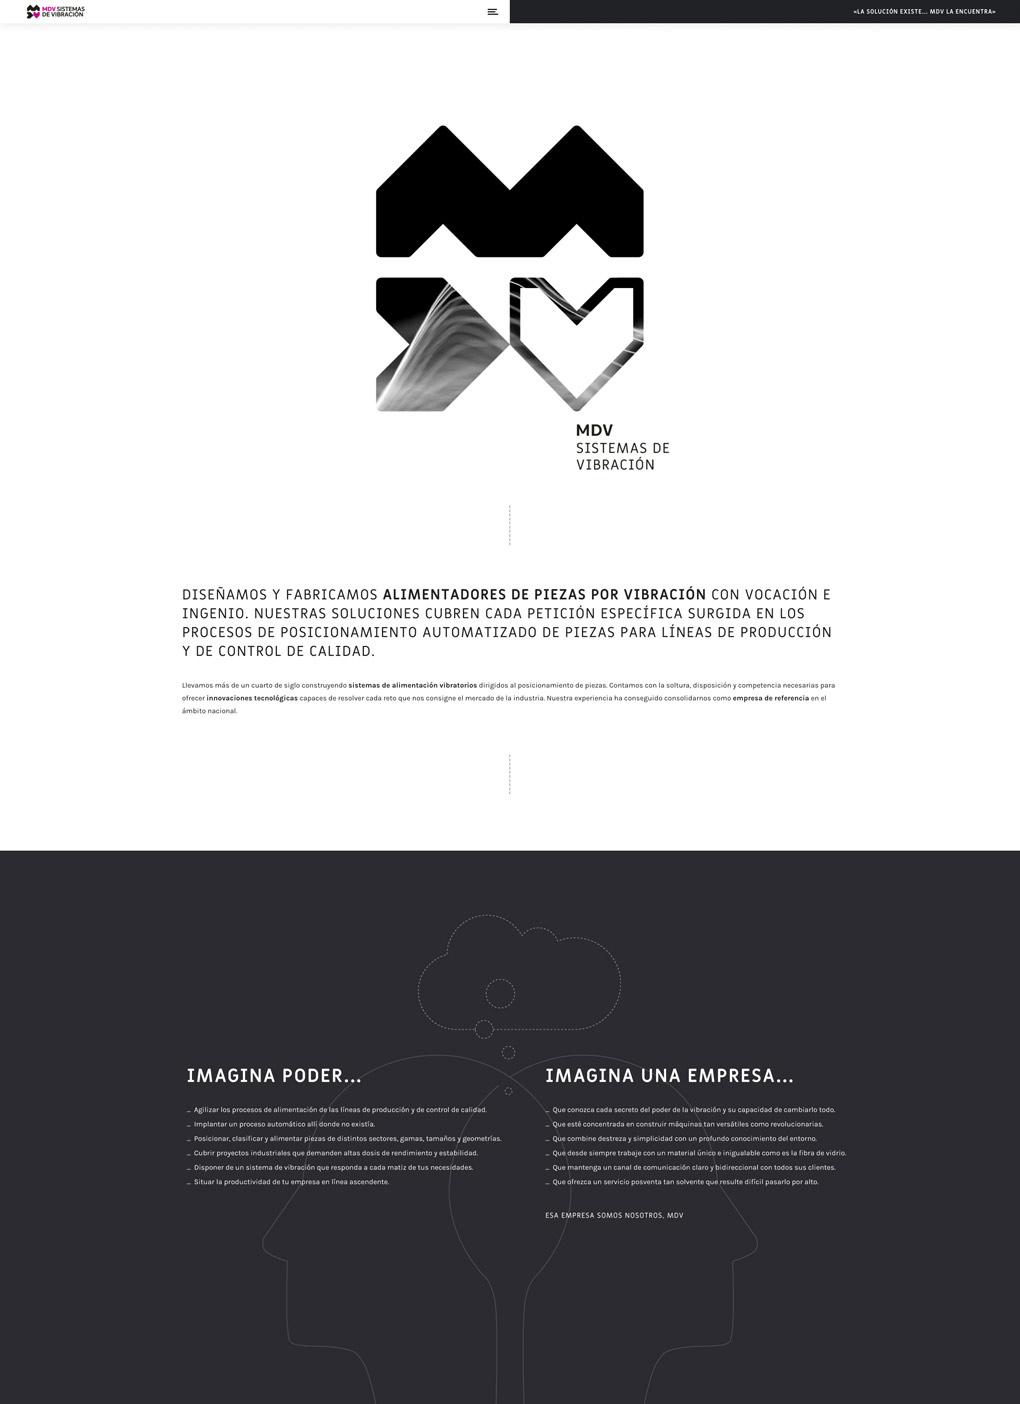 rediseño de página web seccion Landing Page para MDV